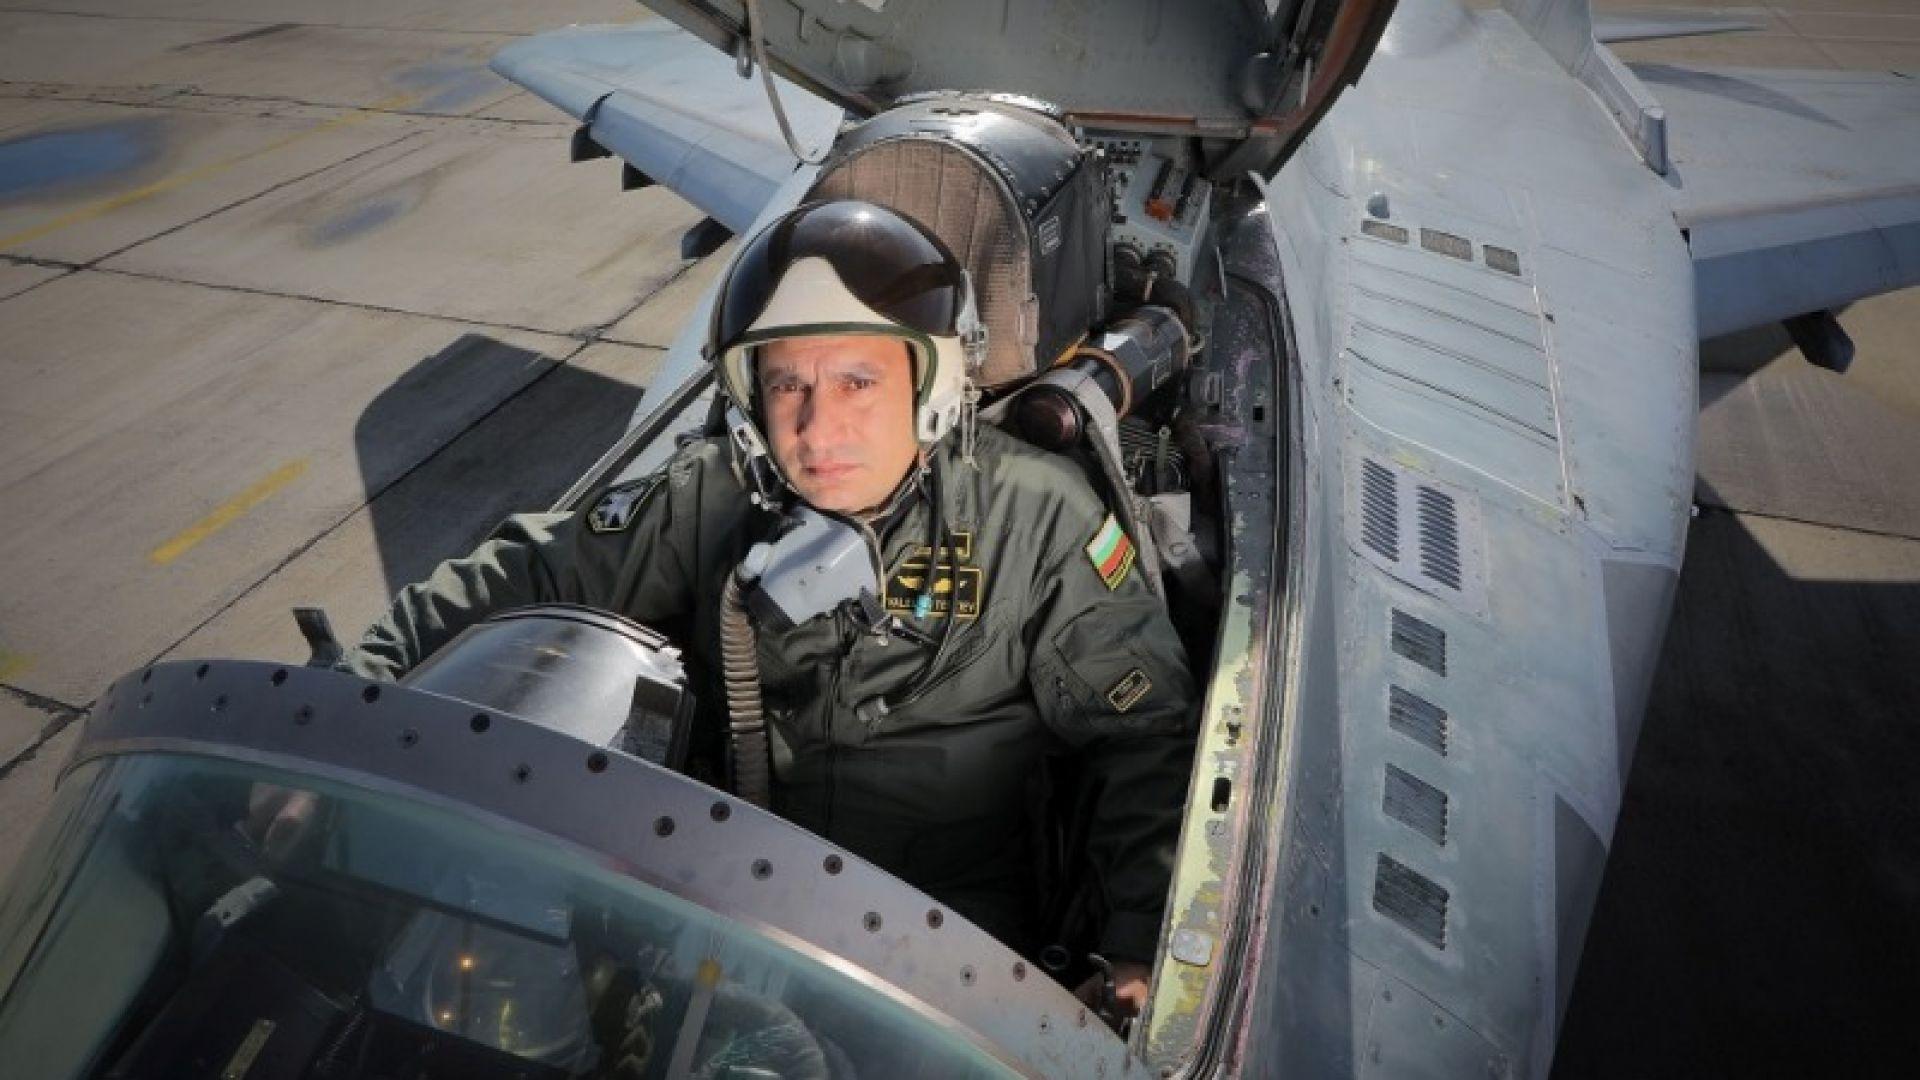 Започна разчитането на черната кутия на падналия МиГ-29, назначават поне 3 експертизи